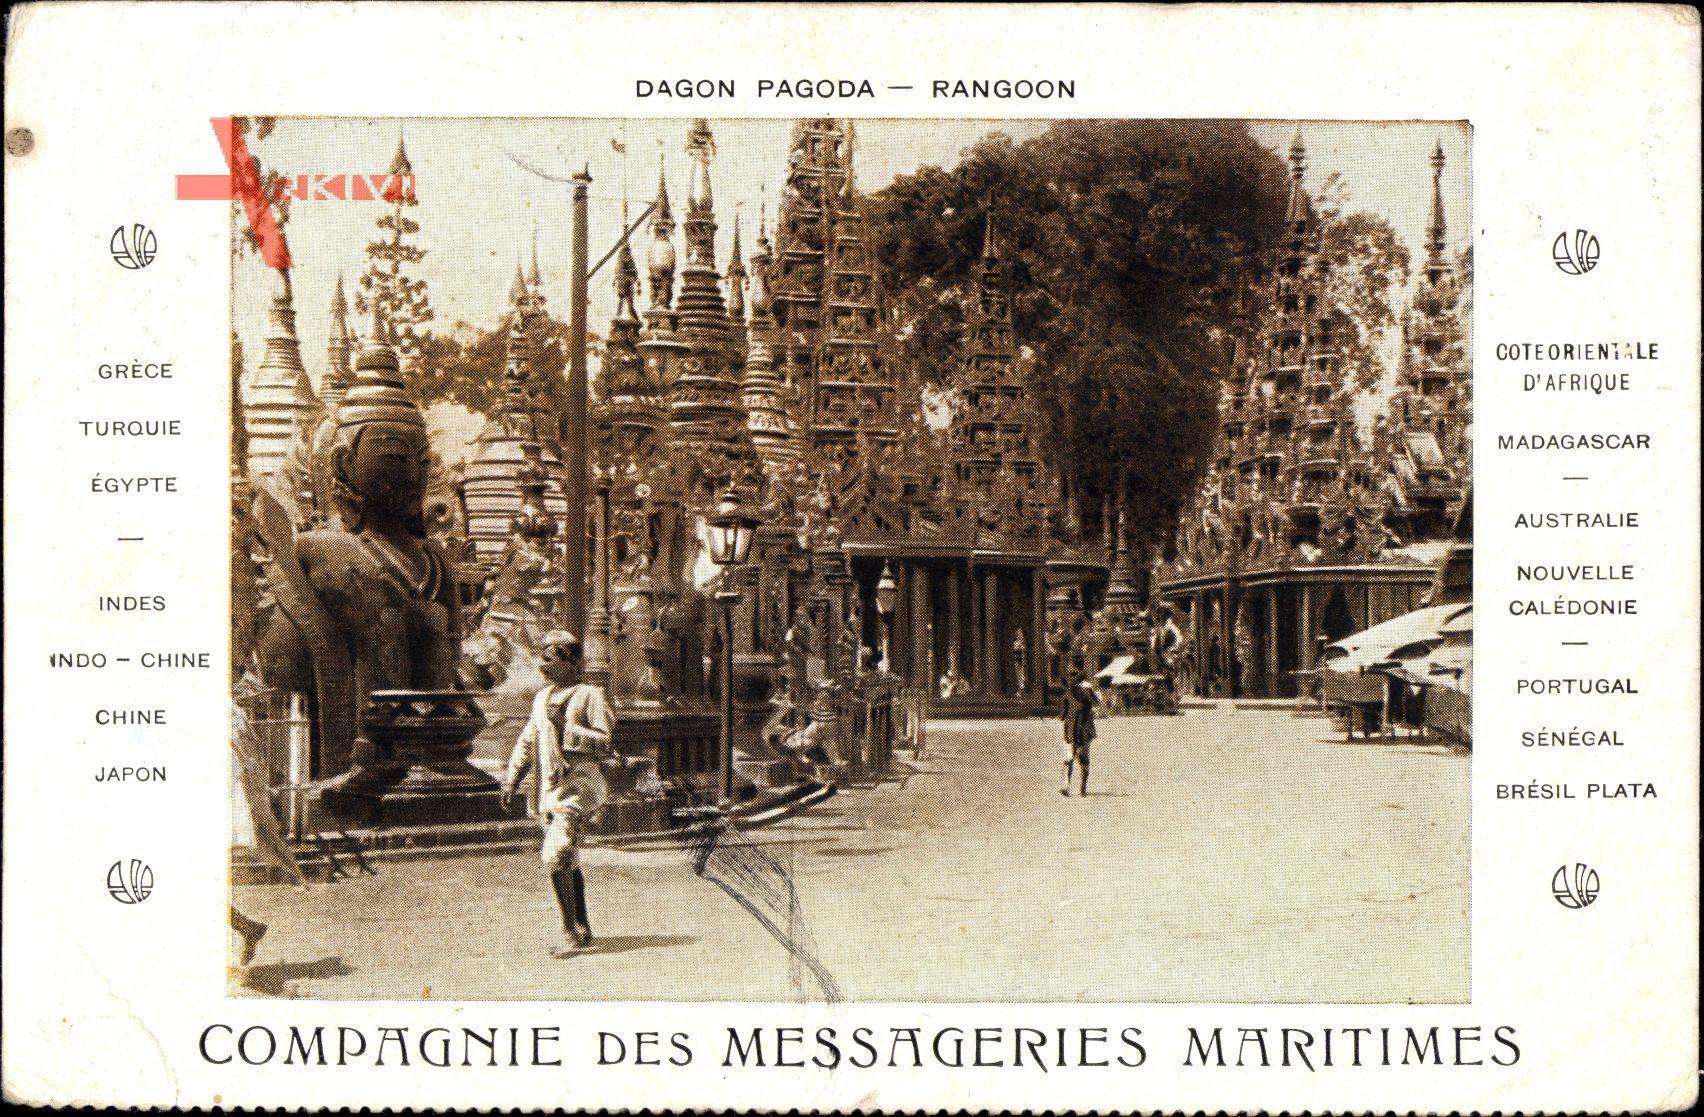 Rangoon Myanmar Burma, Dagon Pagoda, Blick auf eine Pagode